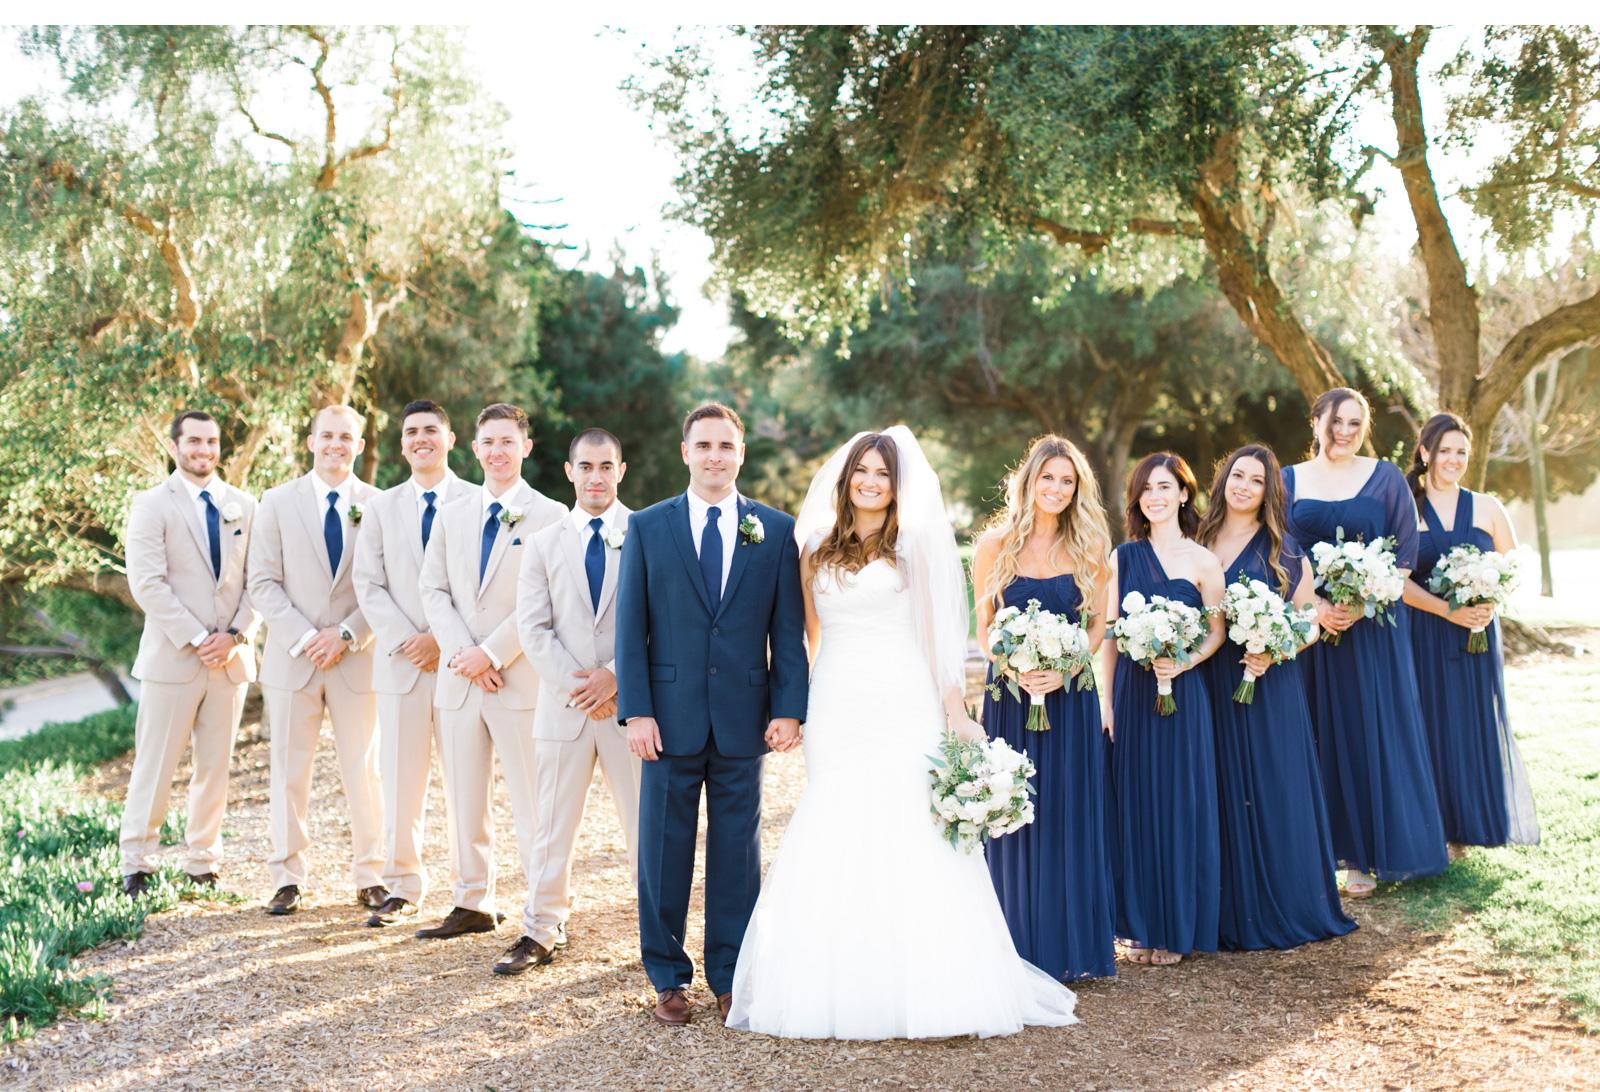 Manhattan-Beach-Wedding-Natalie-Schutt-Photography_04.jpg